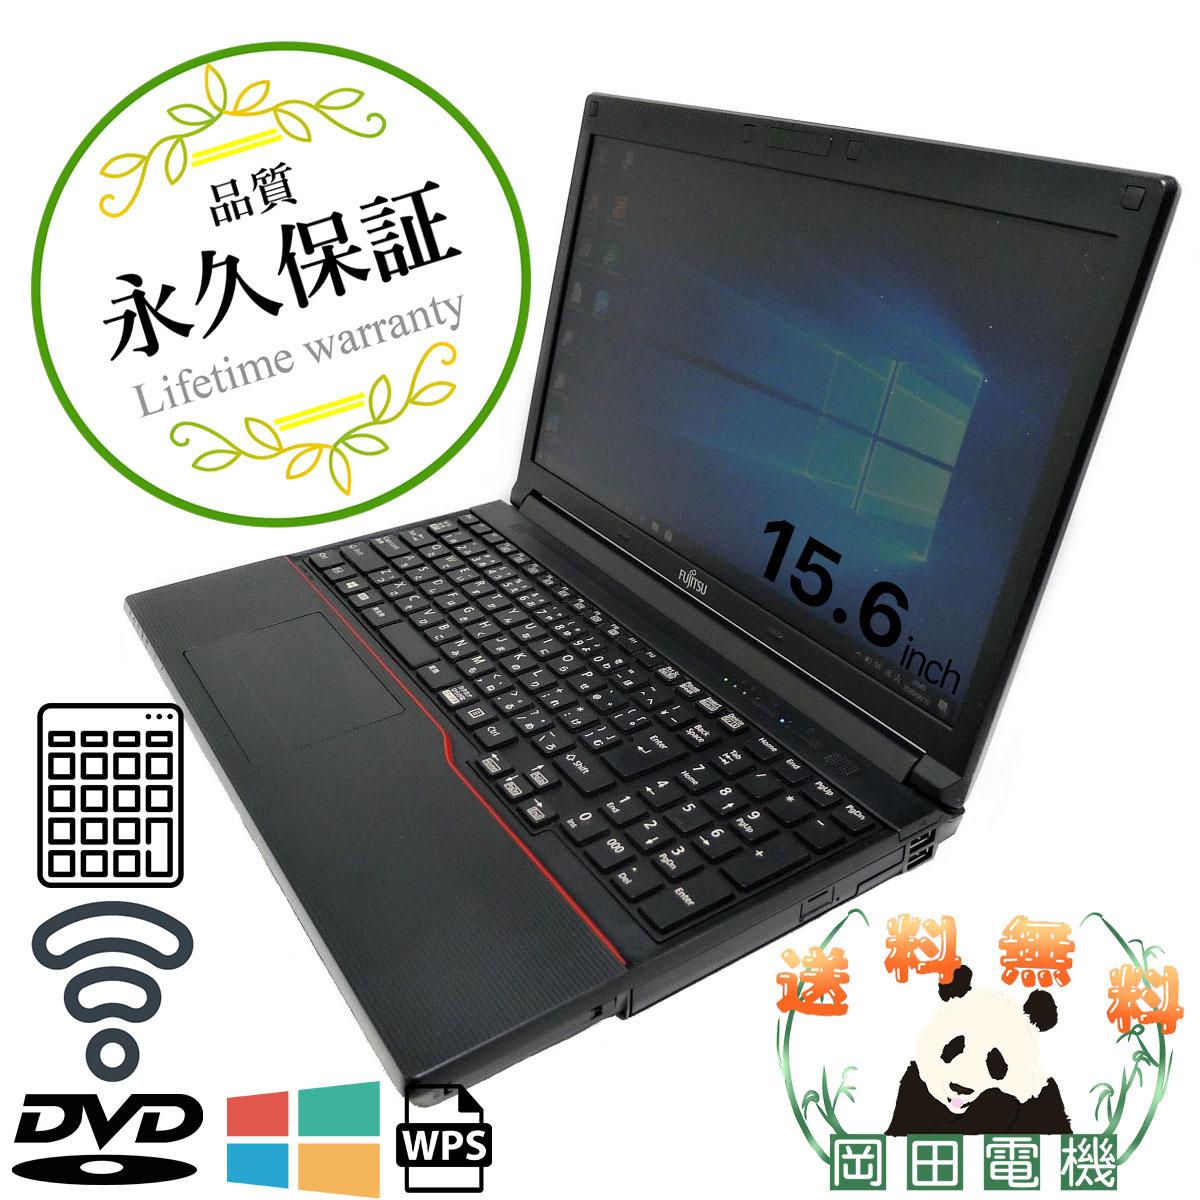 FUJITSU Notebook LIFEBOOK A574 Celeron 4GB 新品HDD1TB スーパーマルチ テンキーNnm0v8wO